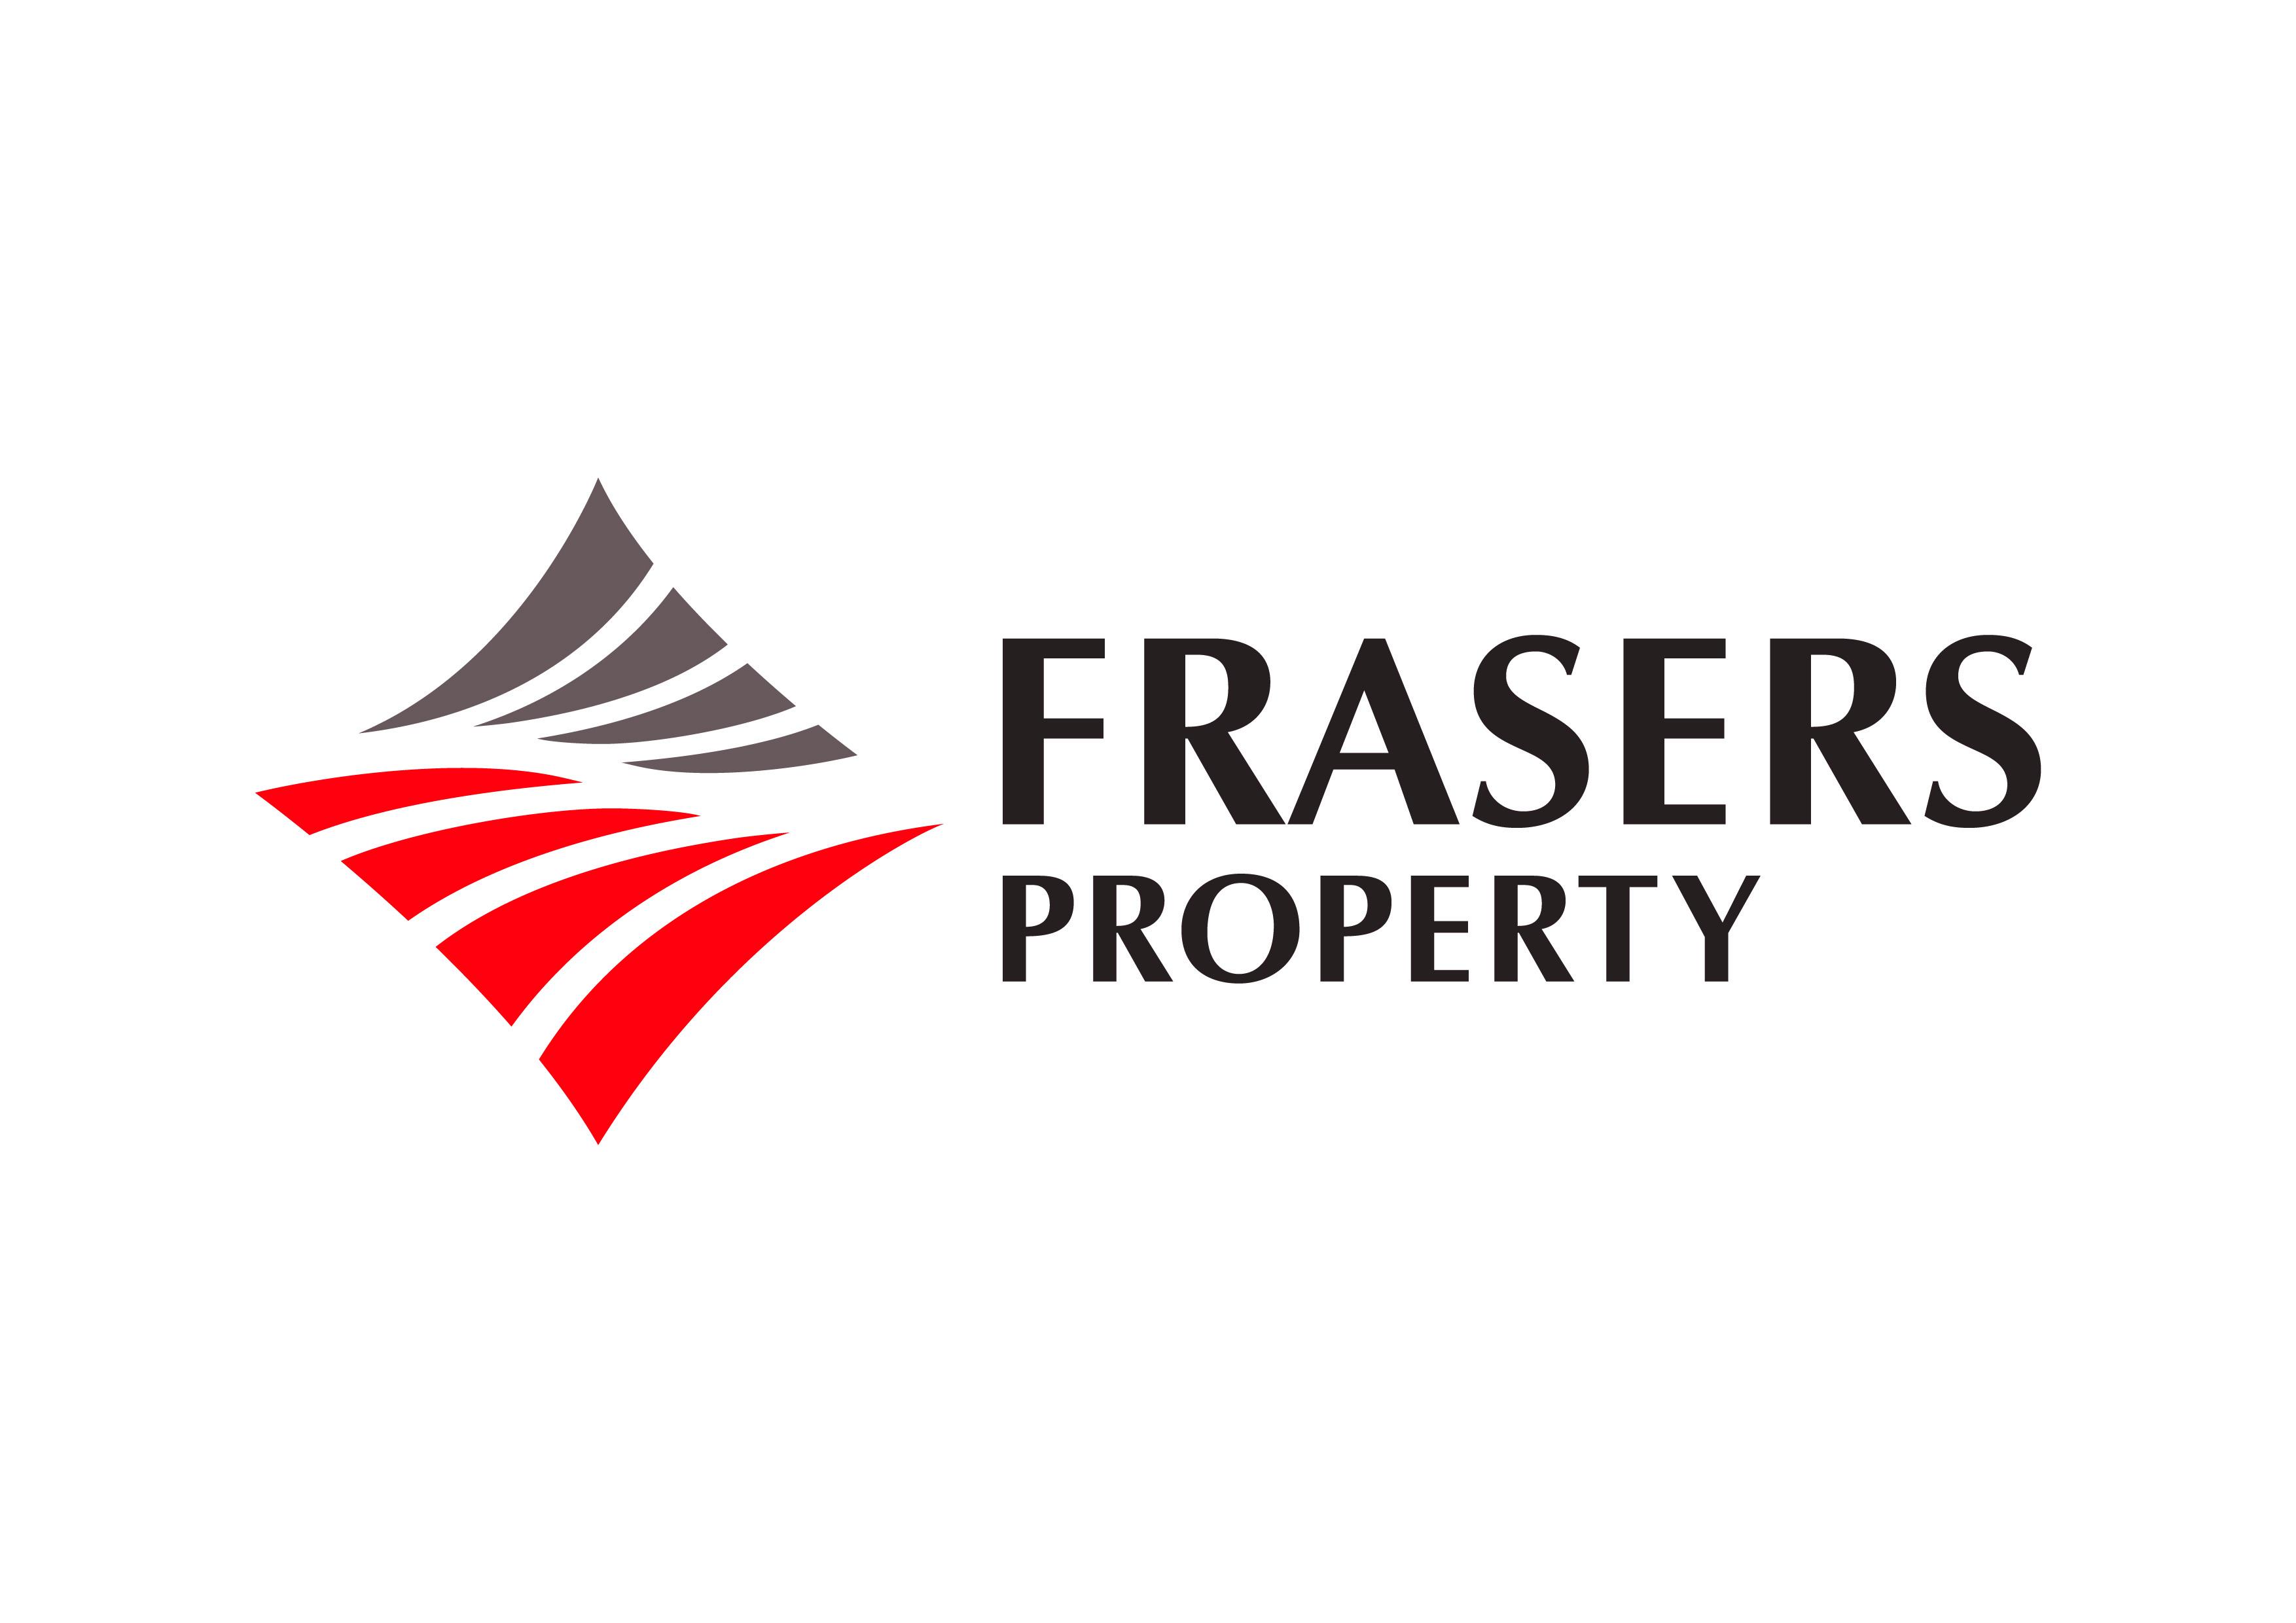 Q2 Thảo Điền_Frasers Property